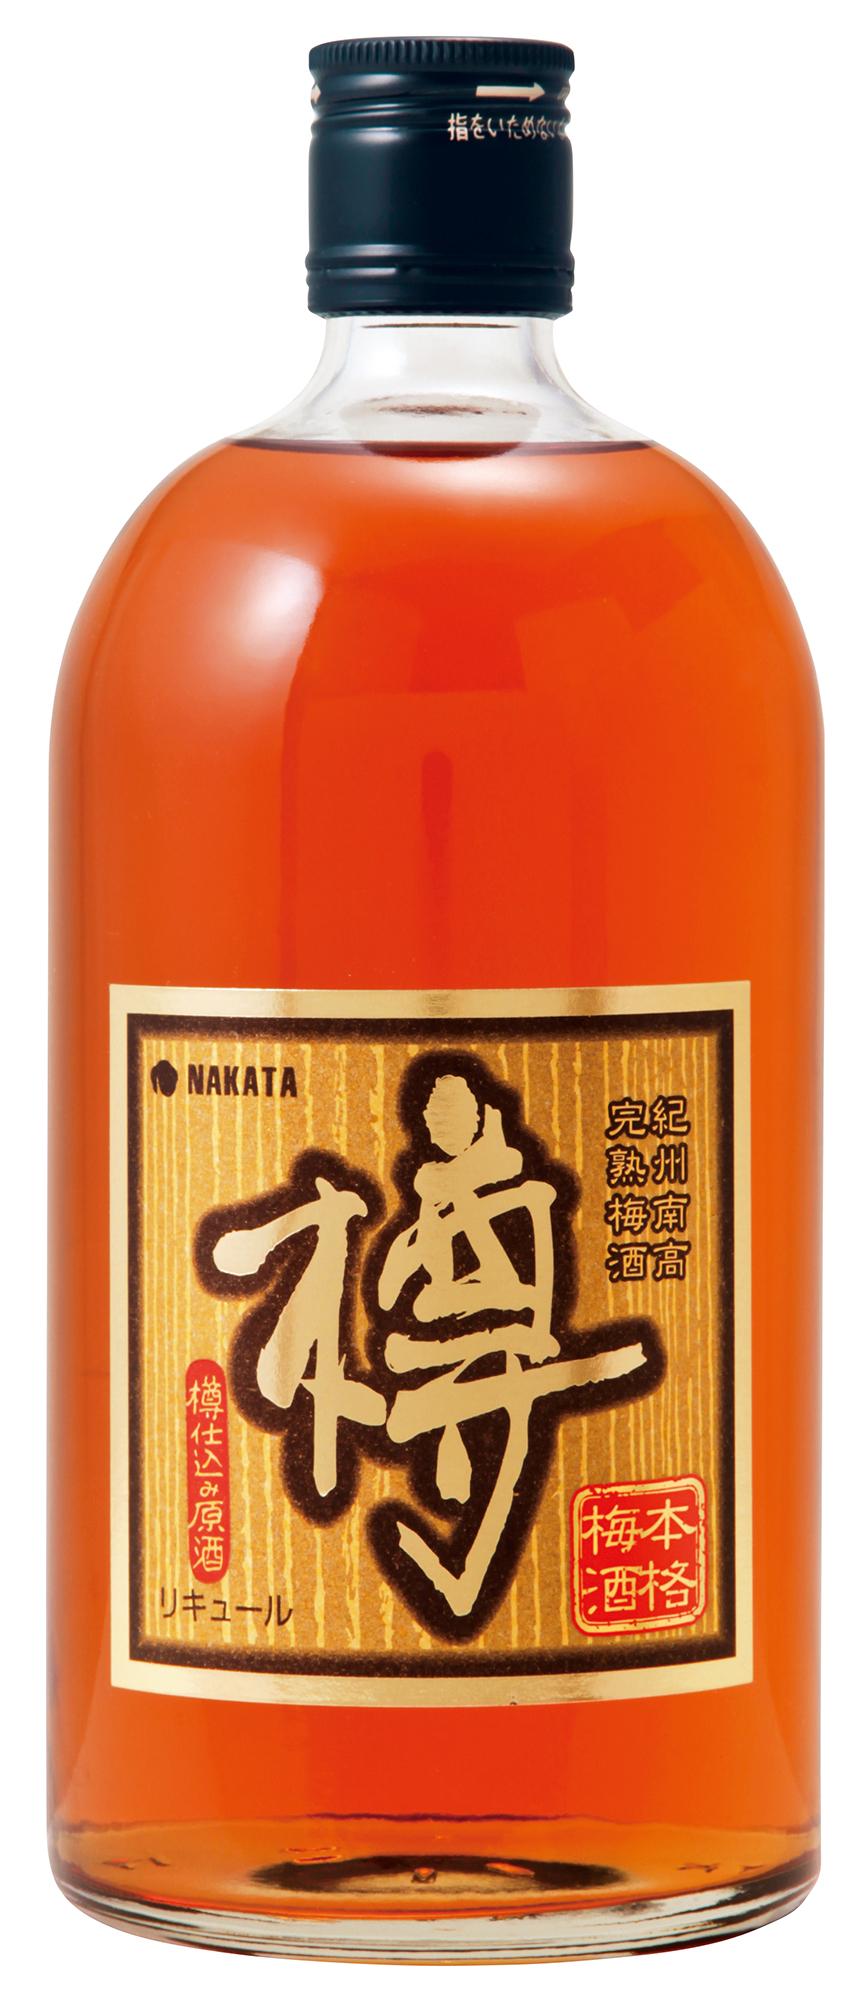 Barrel-aged Umeshu Taru, 1 year 20%